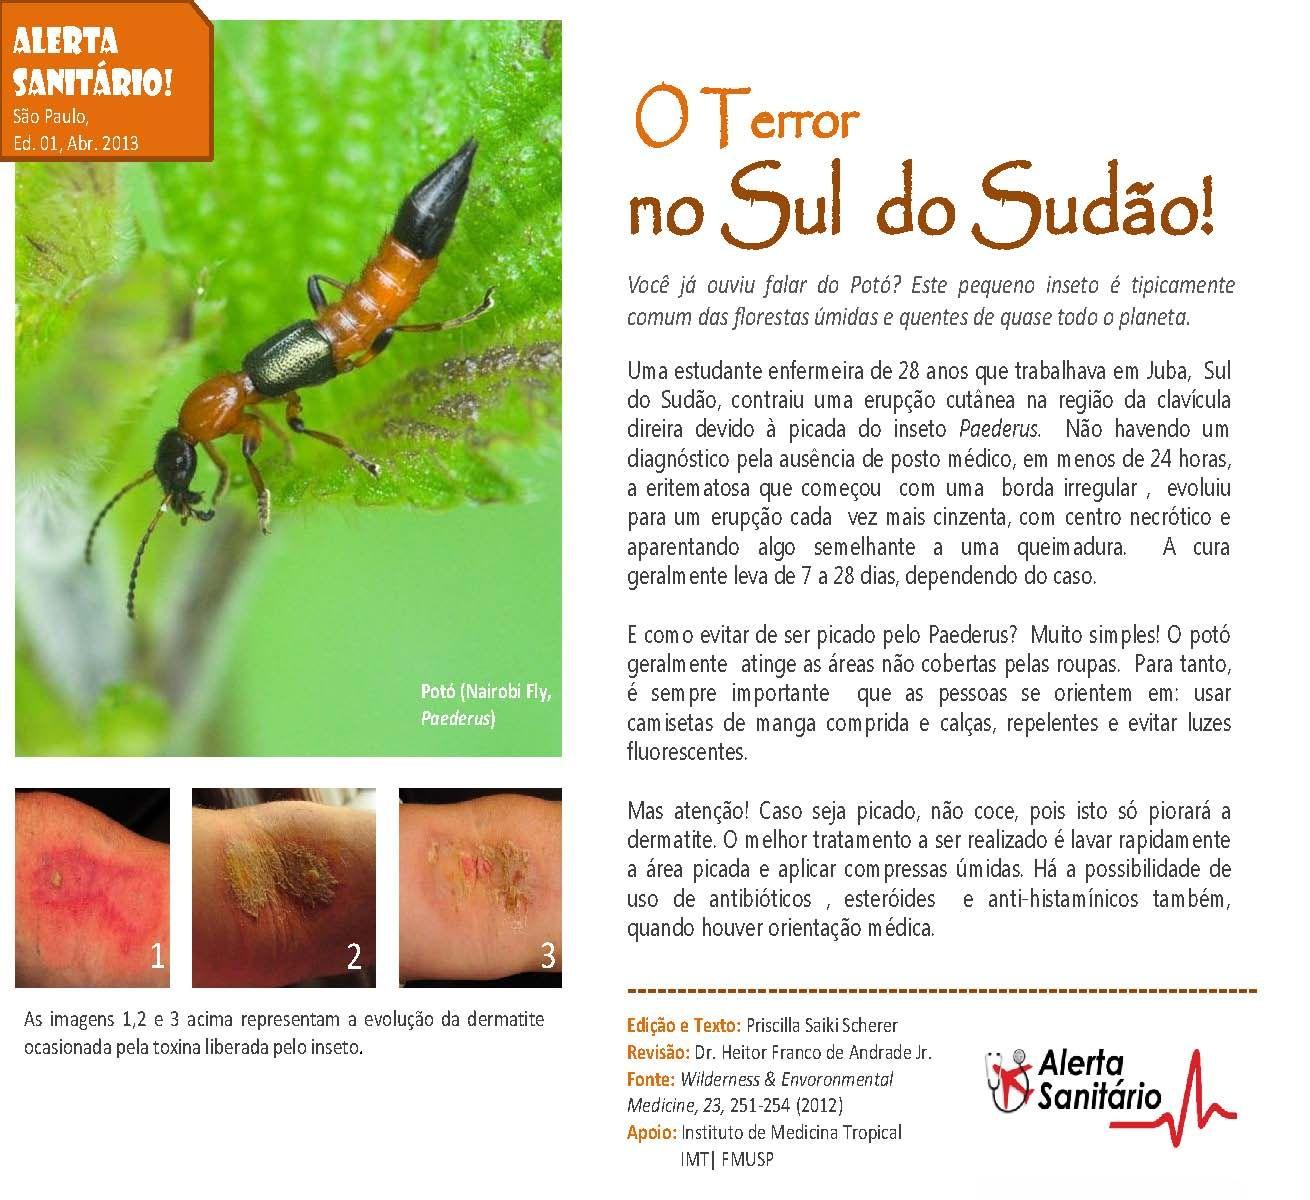 Alerta Sanitário - Paederus